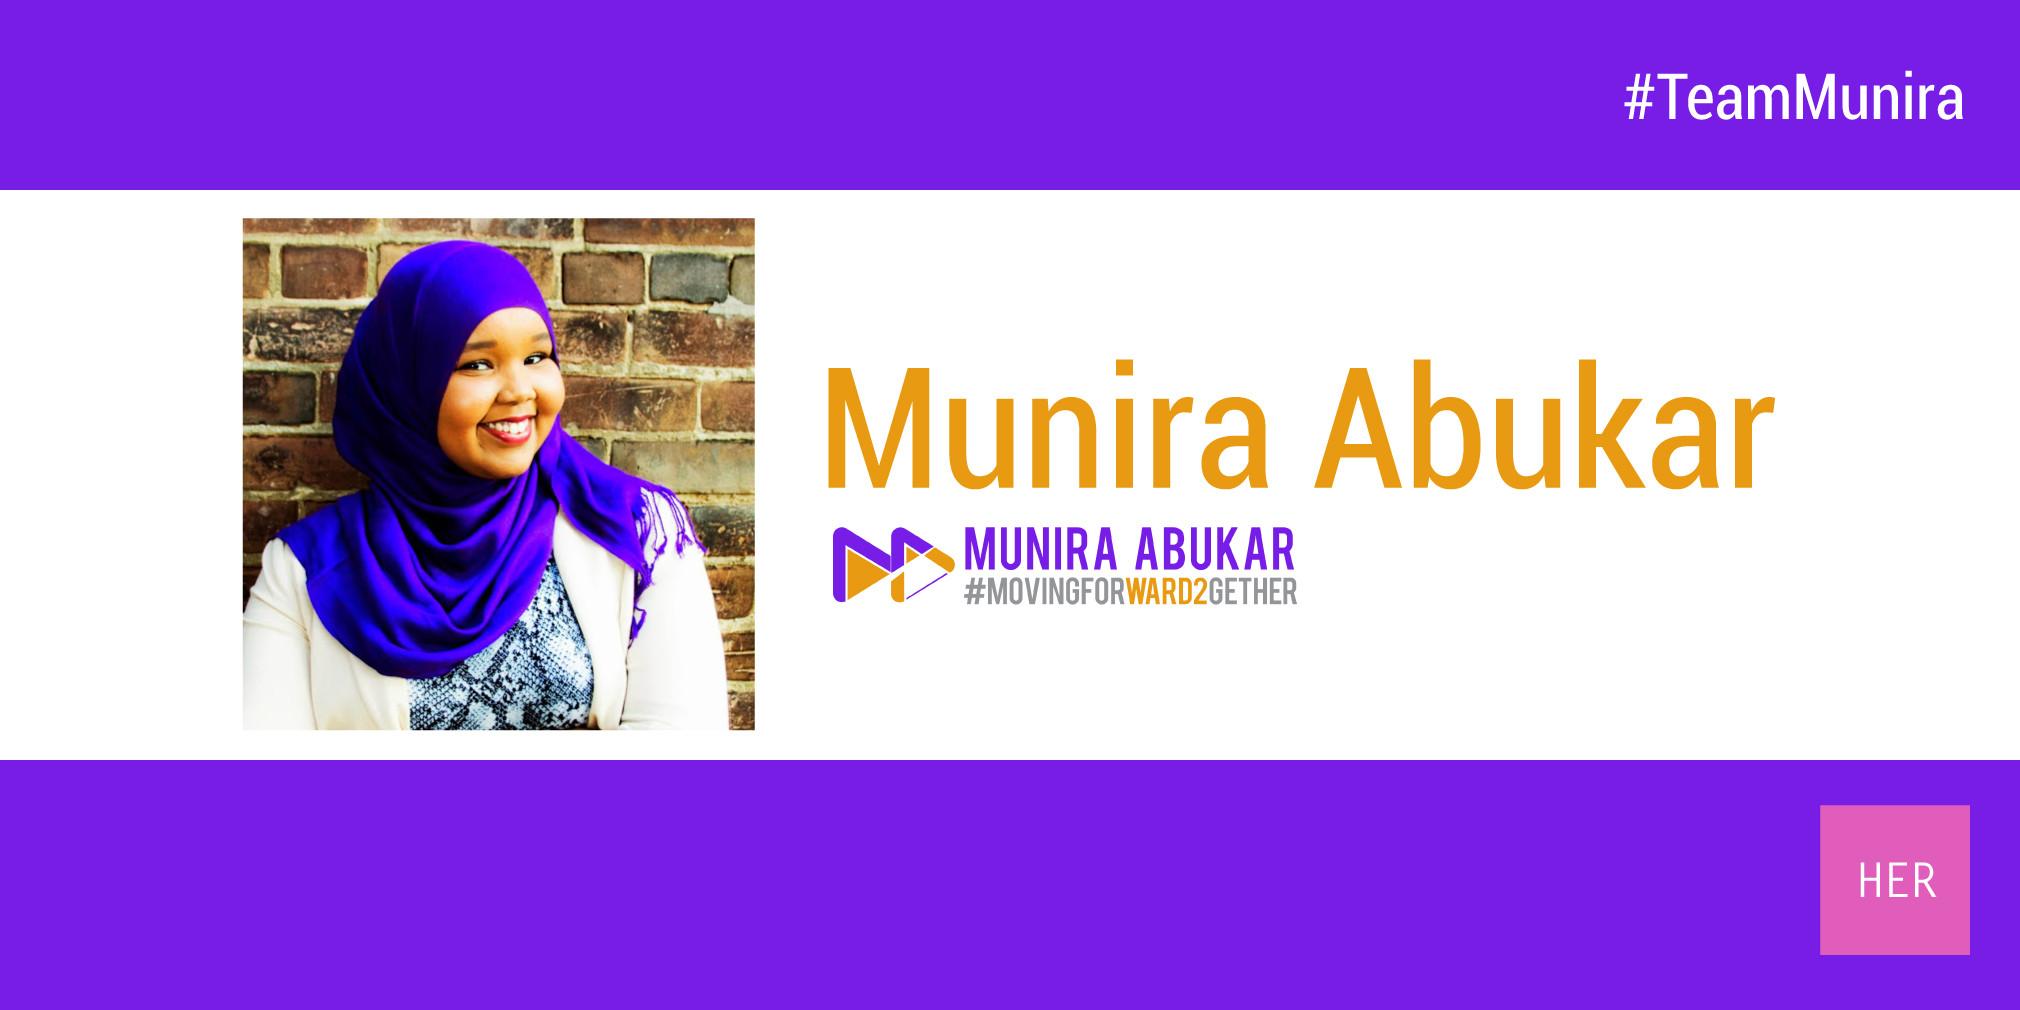 Munira.jpg